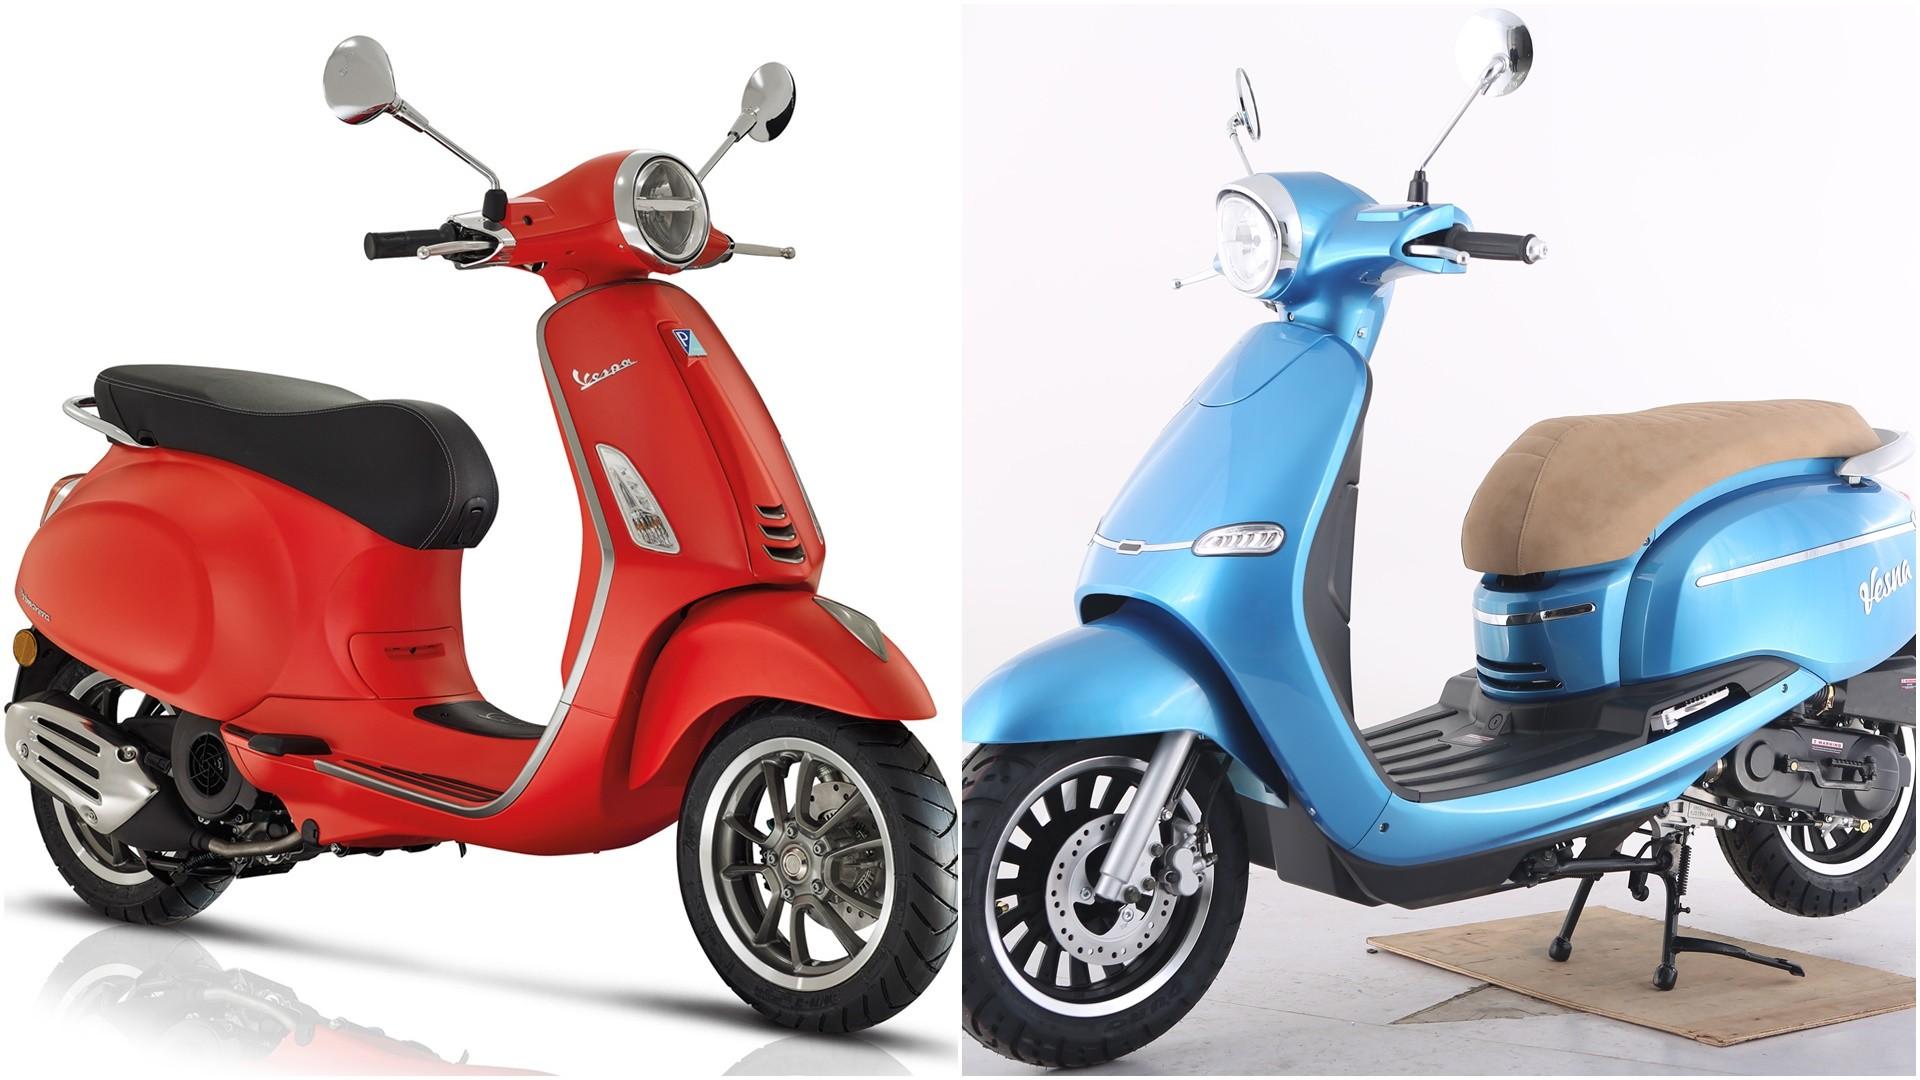 La Vespa, esa moto que todo el mundo quiere copiar pero no siempre pueden